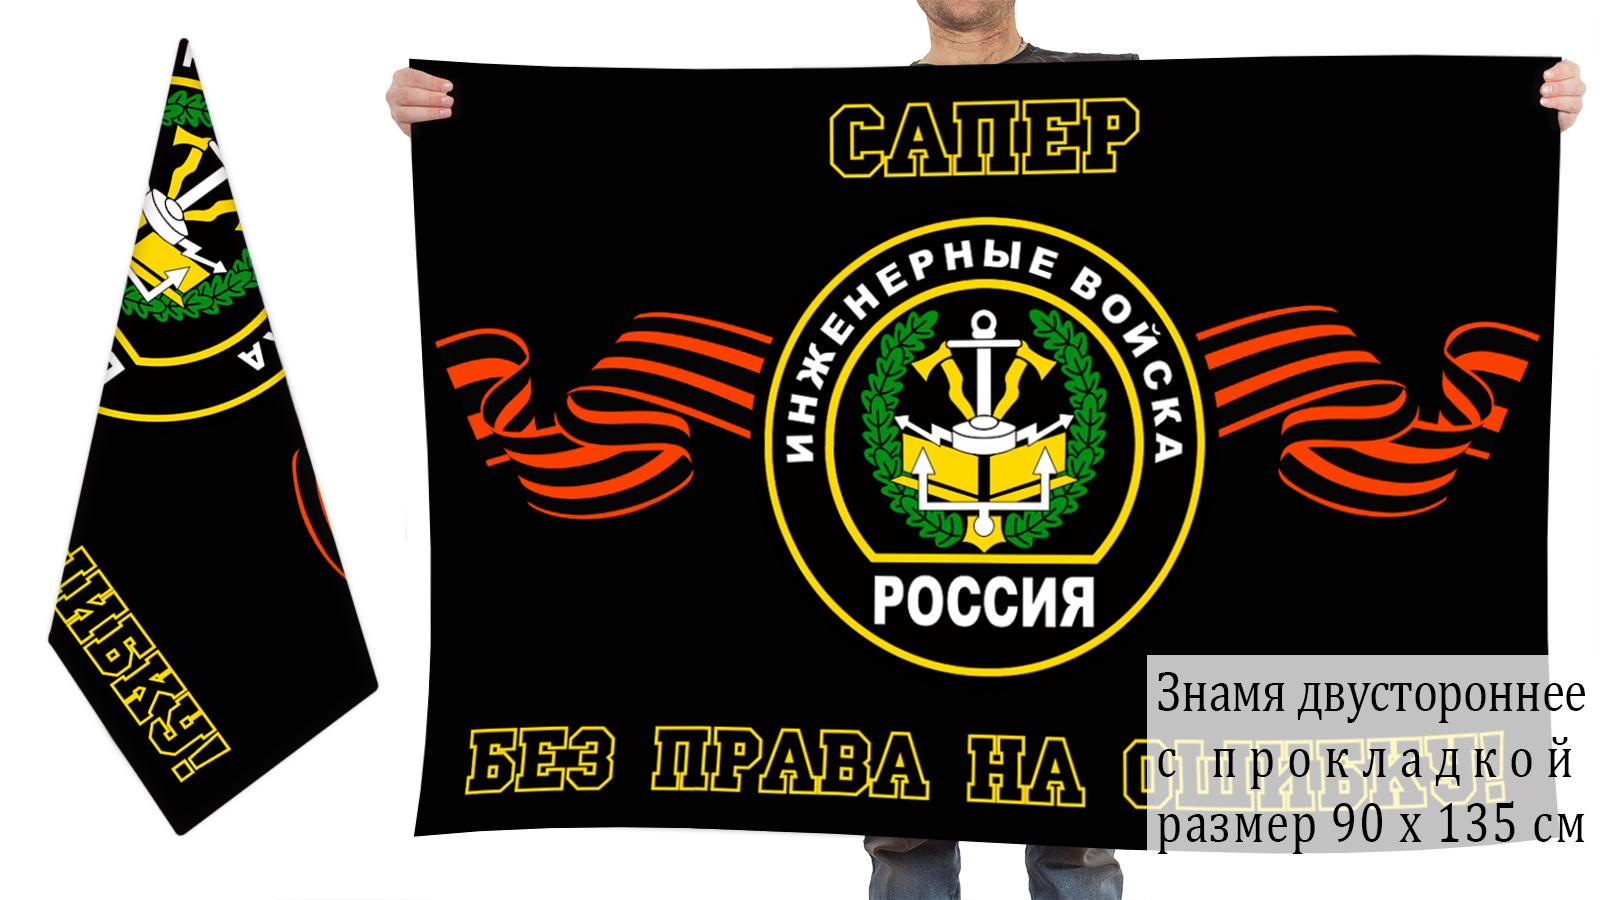 Двусторонний флаг инженерных войск Сапер